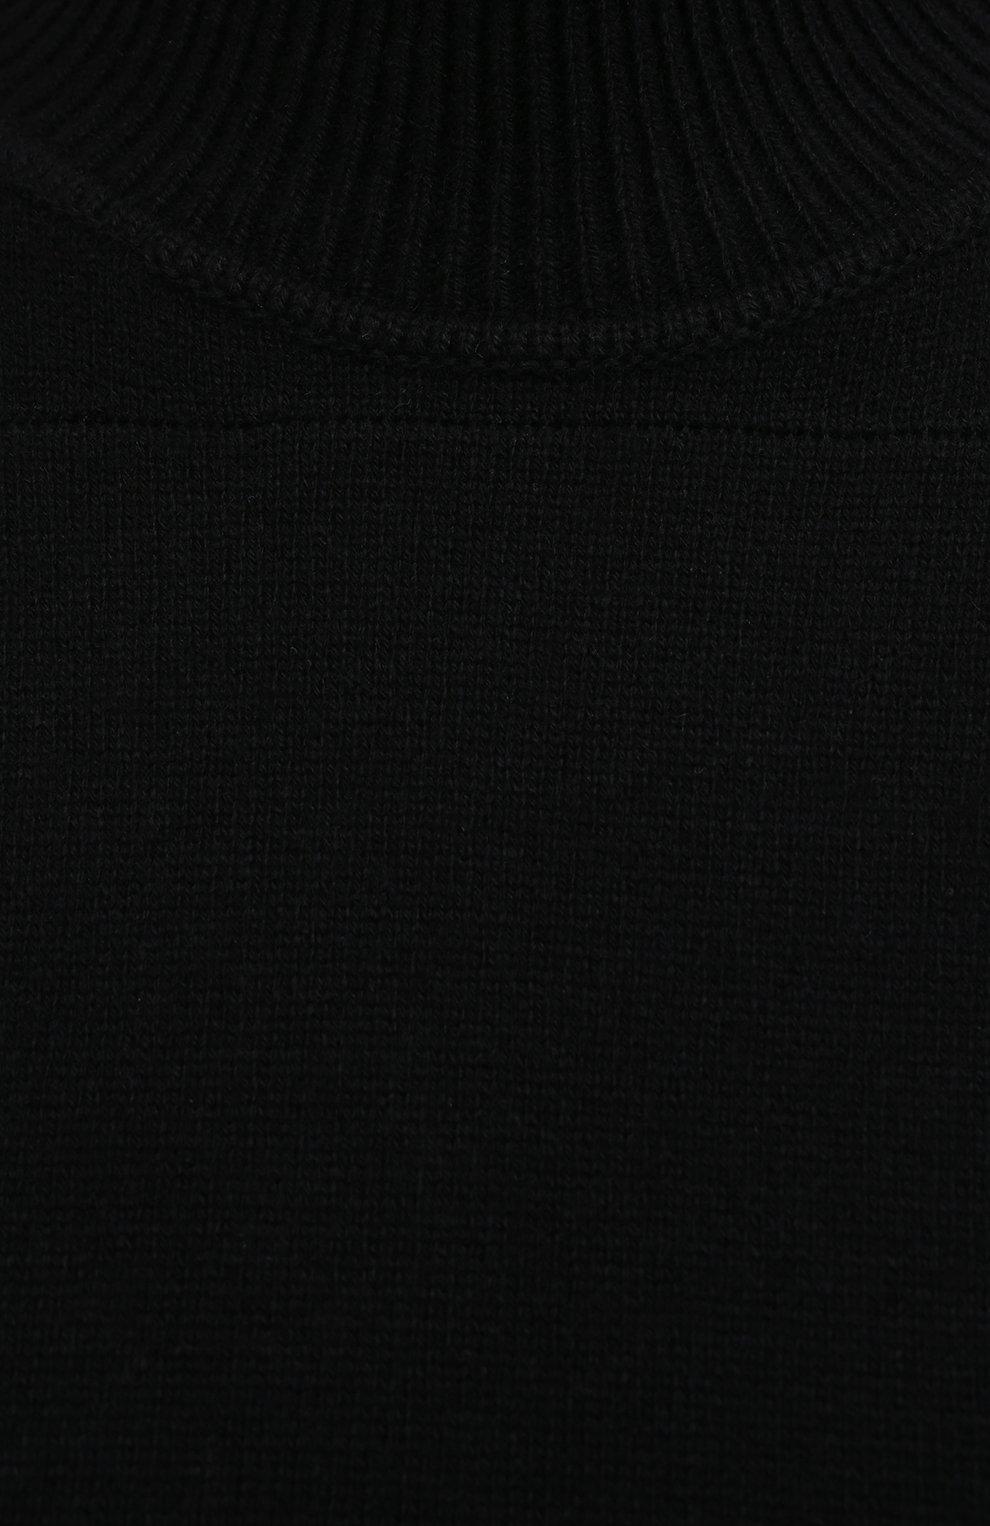 Женский кашемировый свитер PROENZA SCHOULER черного цвета, арт. R2117577-KK020 | Фото 5 (Женское Кросс-КТ: Свитер-одежда; Материал внешний: Шерсть, Кашемир; Рукава: Длинные; Длина (для топов): Стандартные; Стили: Кэжуэл)